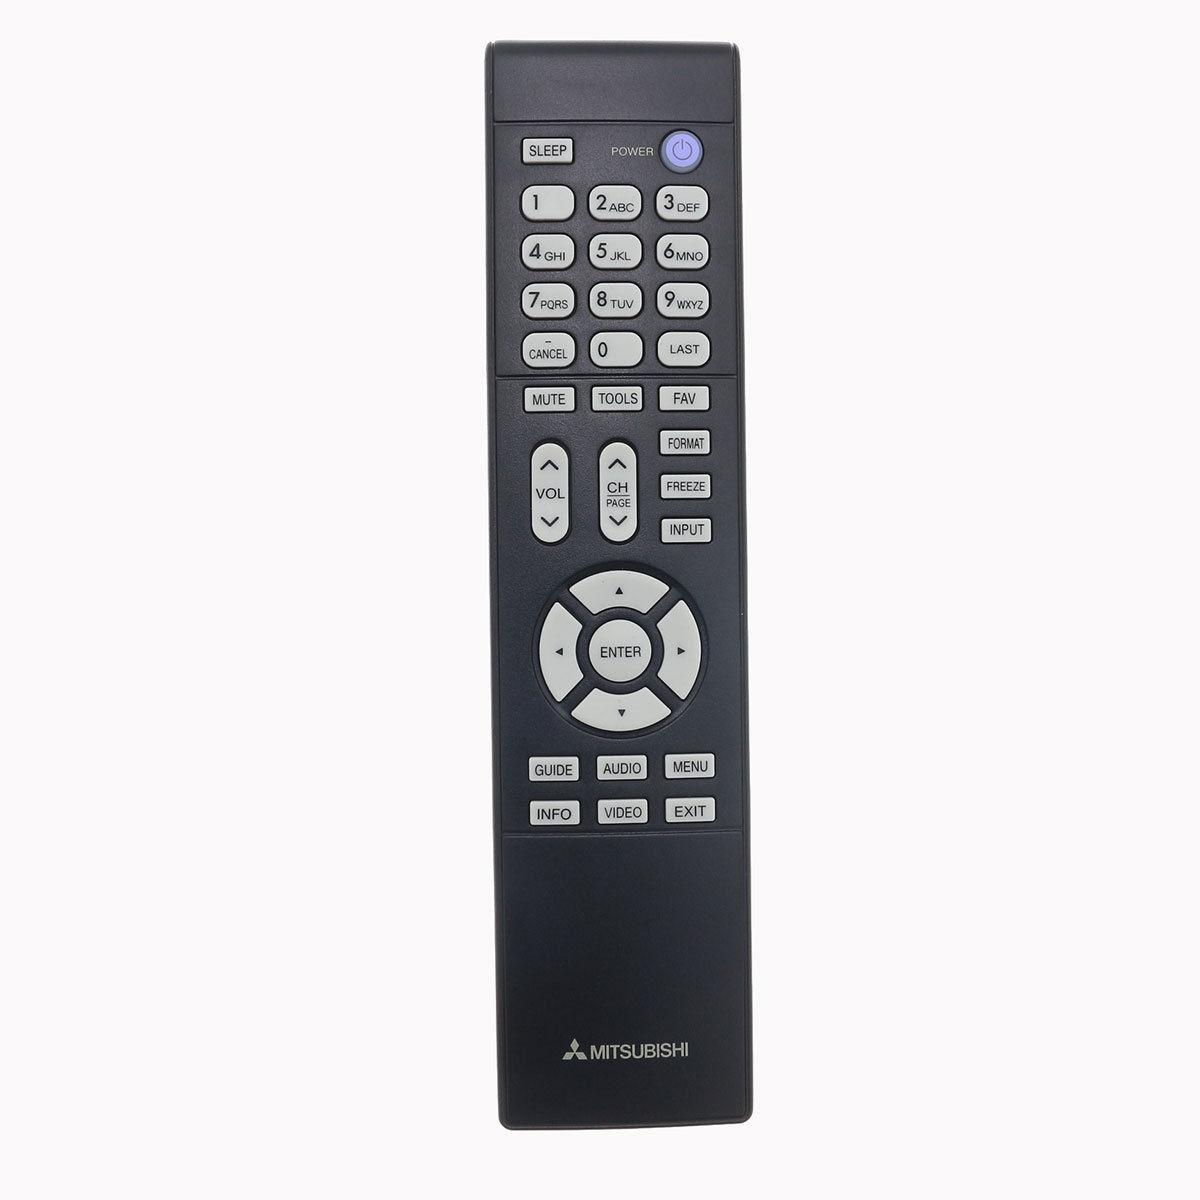 new mitsubishi tv remote for ws 48613 ws 55311 ws 55313 ws 55315 ws 55411 rh rakuten com Mitsubishi WS-55313 Flashing Green Light Mitsubishi WS-55313 Flashing Green Light